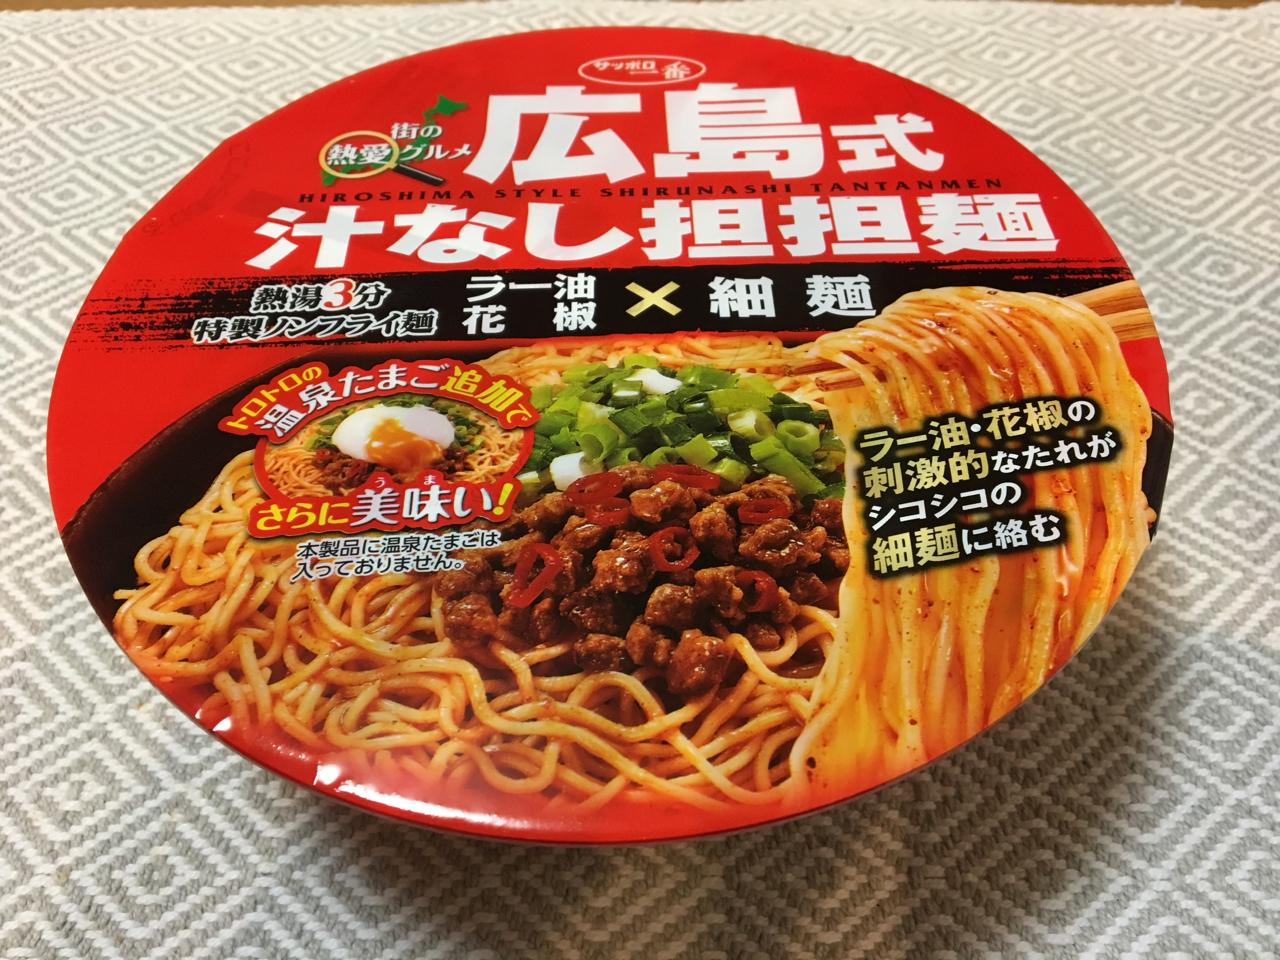 サッポロ一番の広島の味に近い汁無し坦々麺